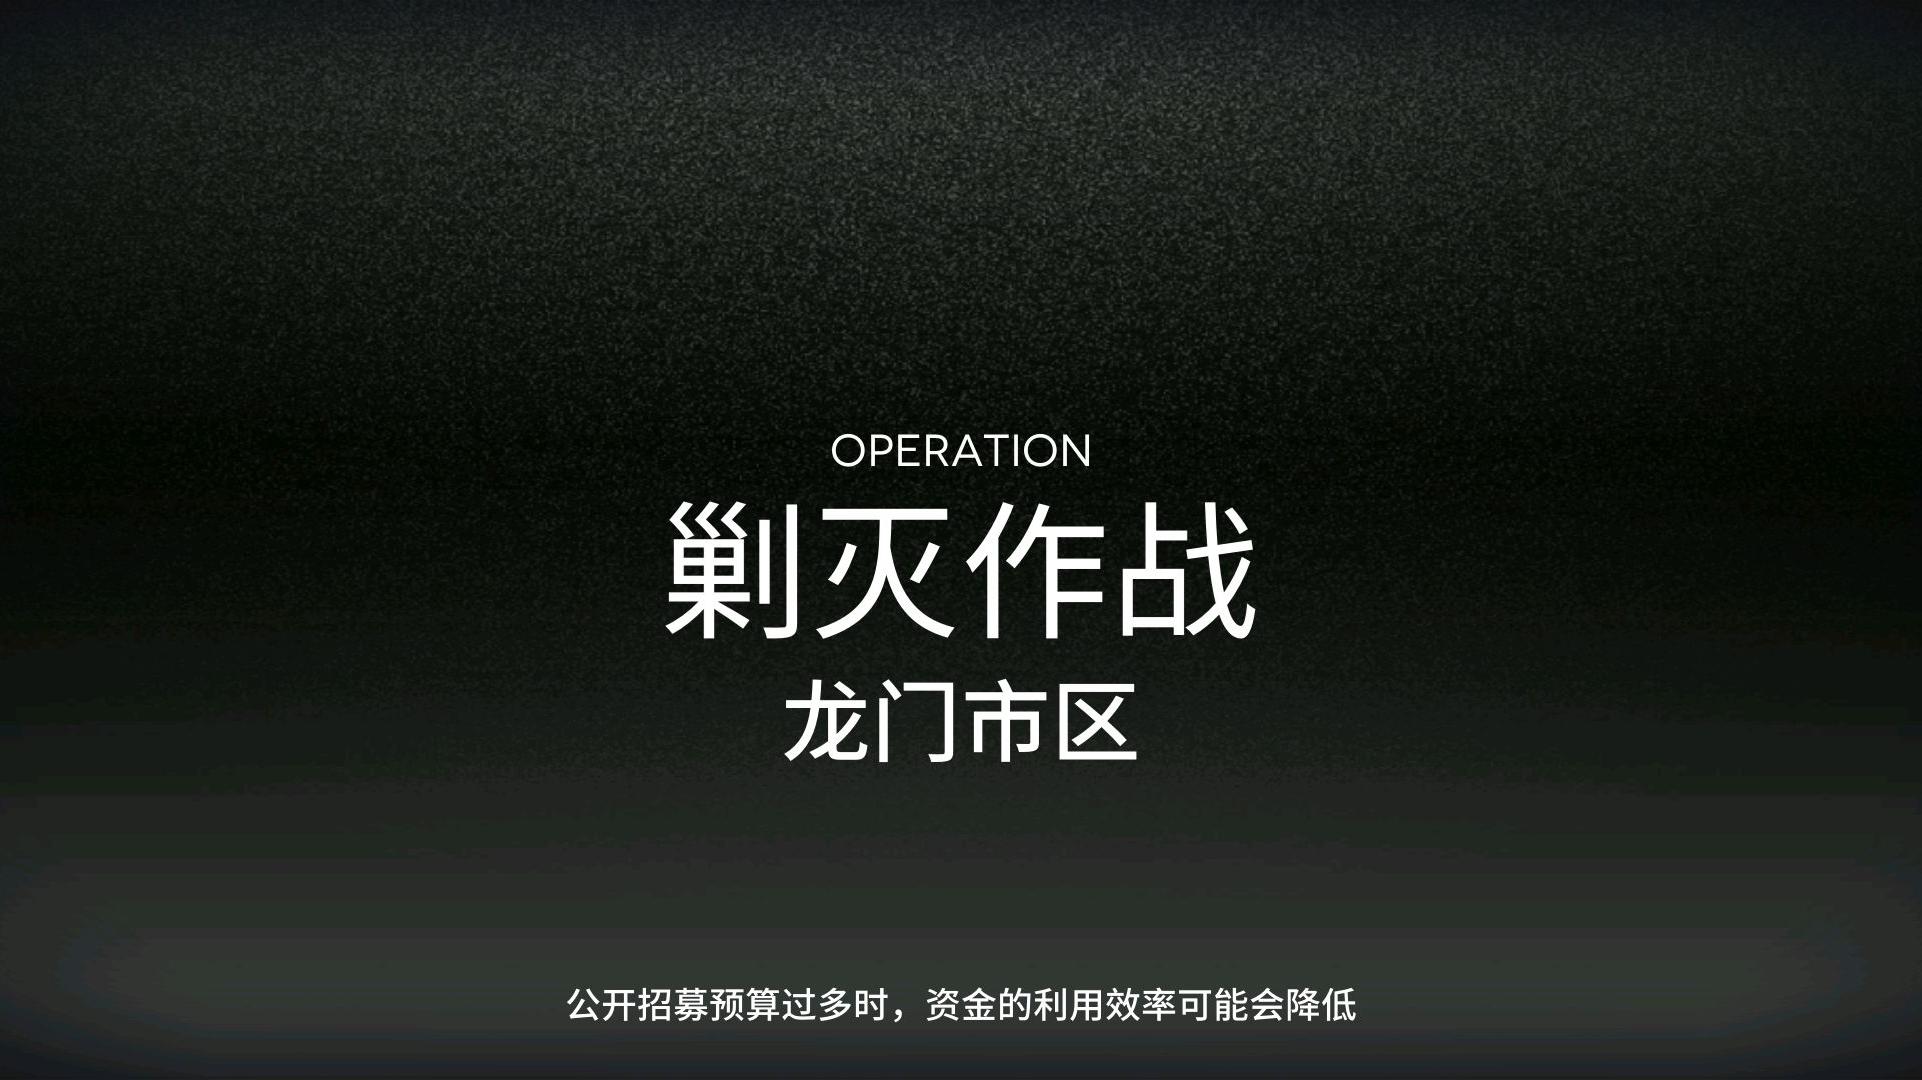 【明日方舟】 剿灭作战—龙门市区:400杀通关录像